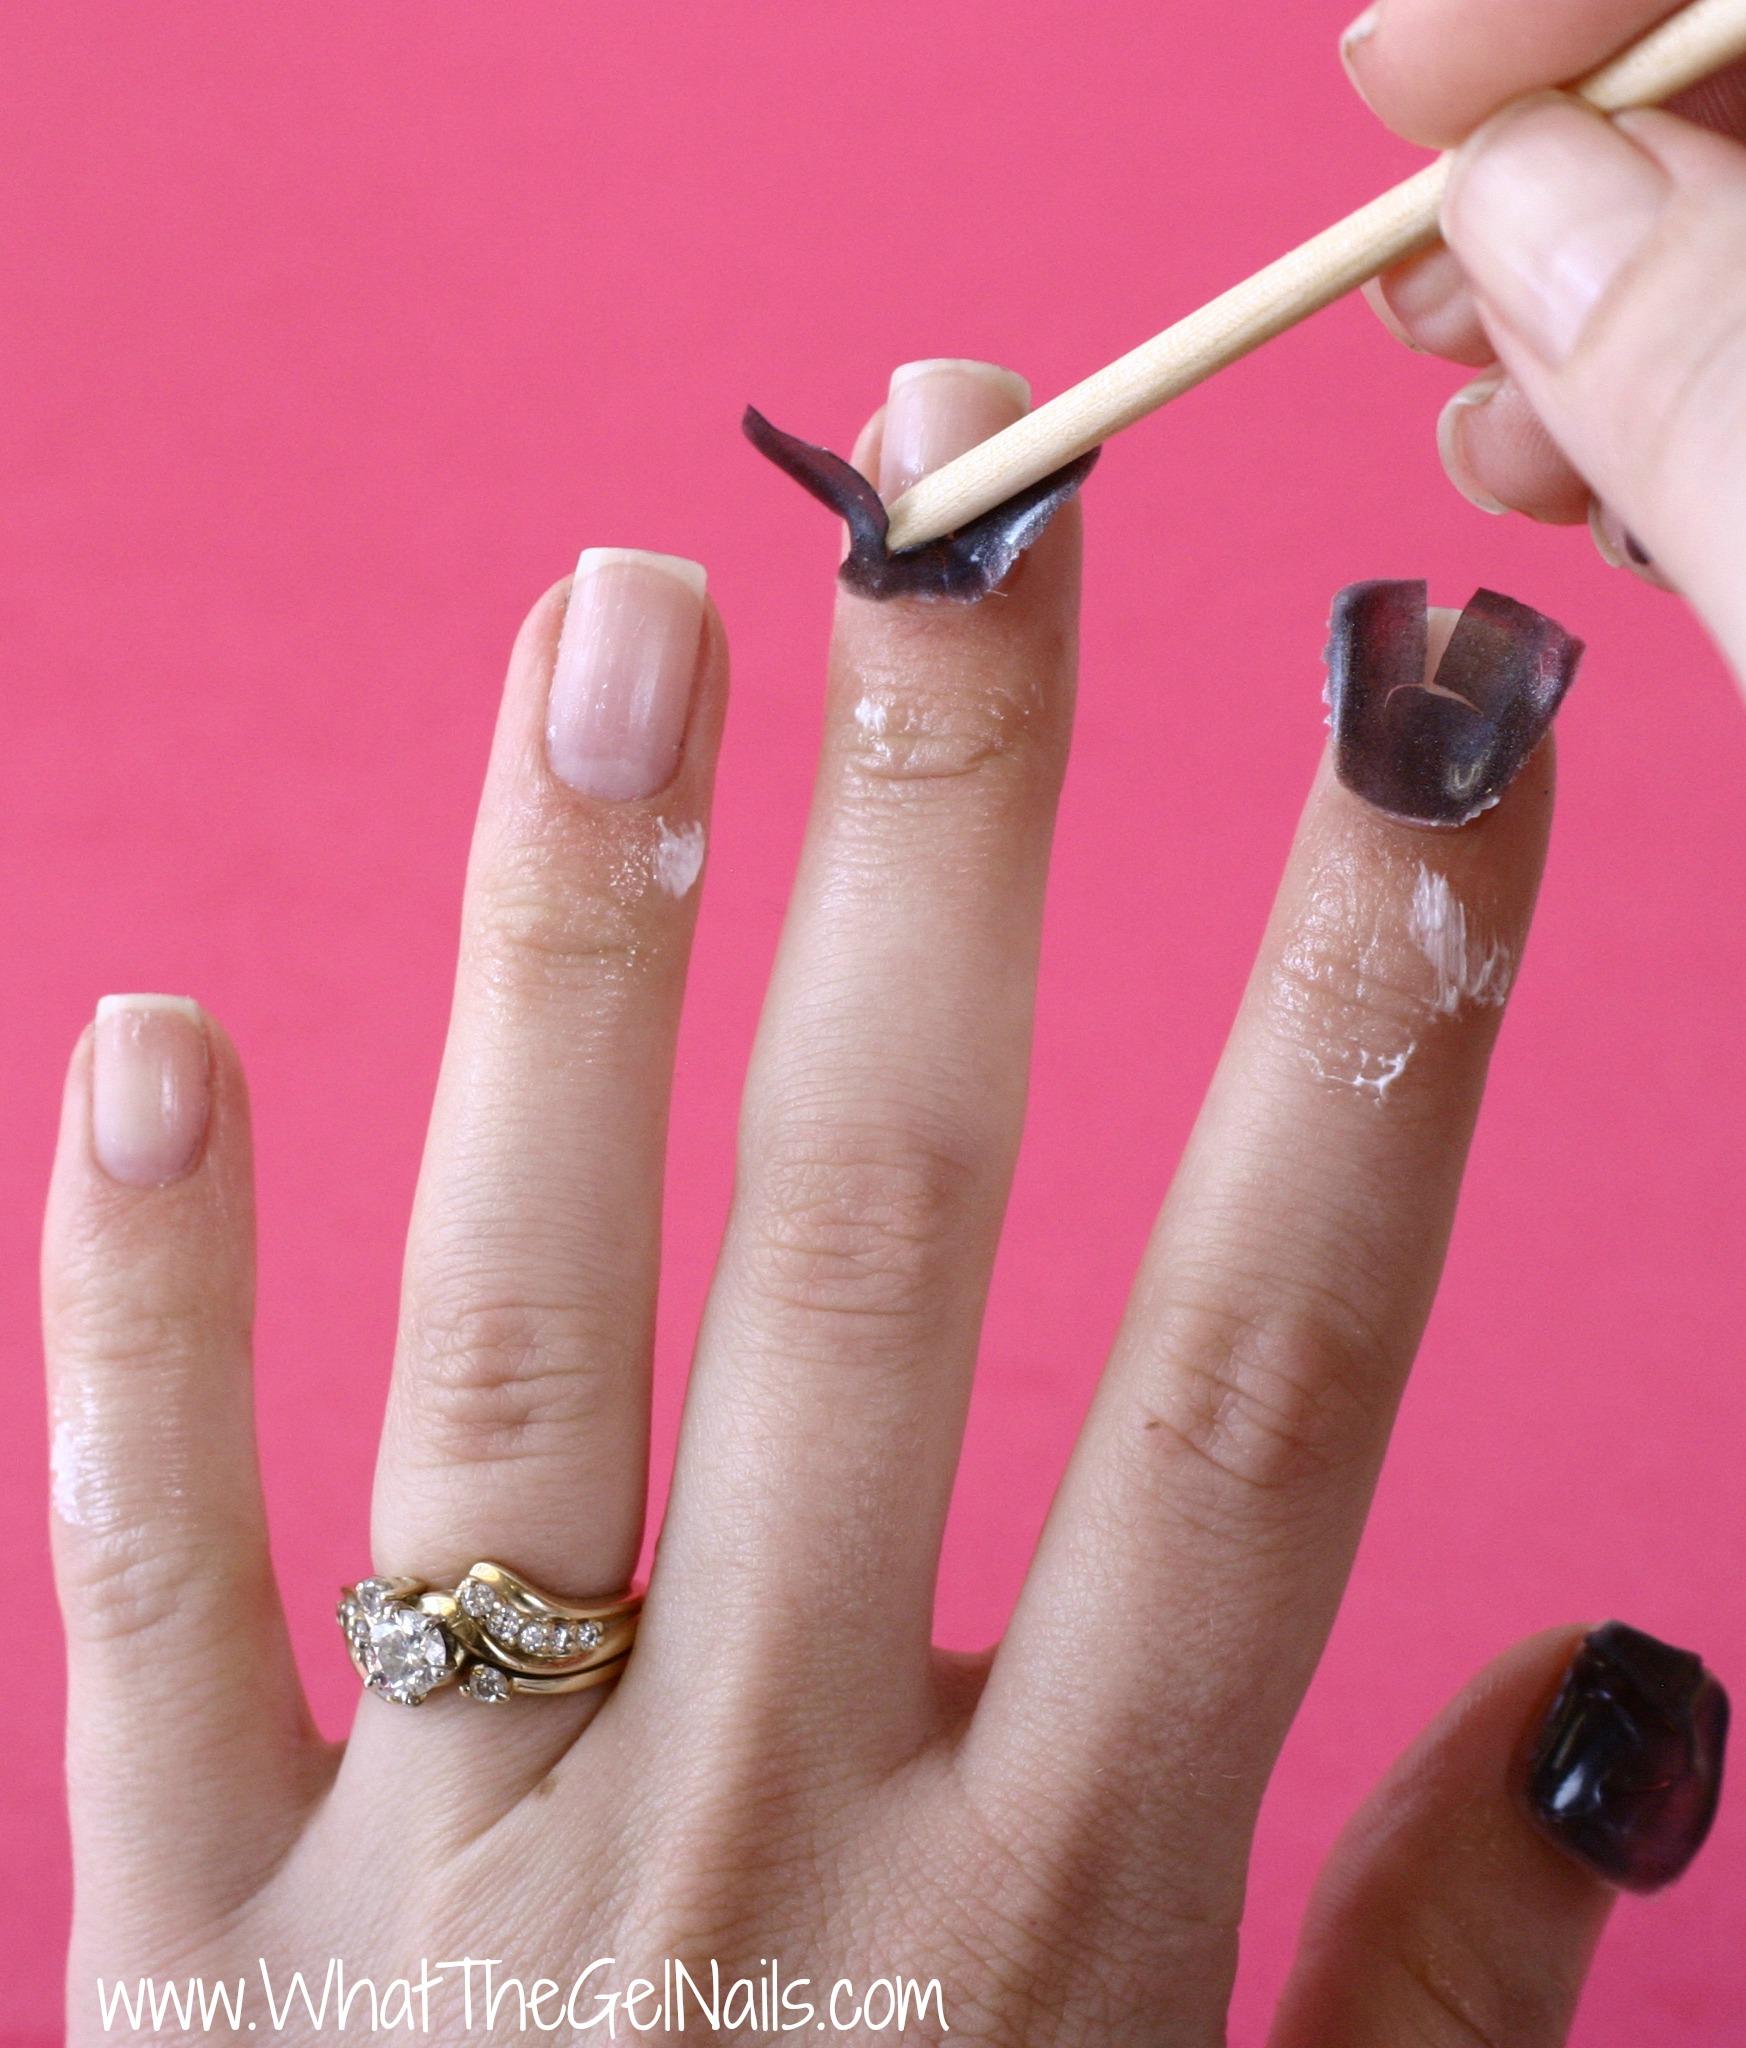 nails gel polish photo - 1